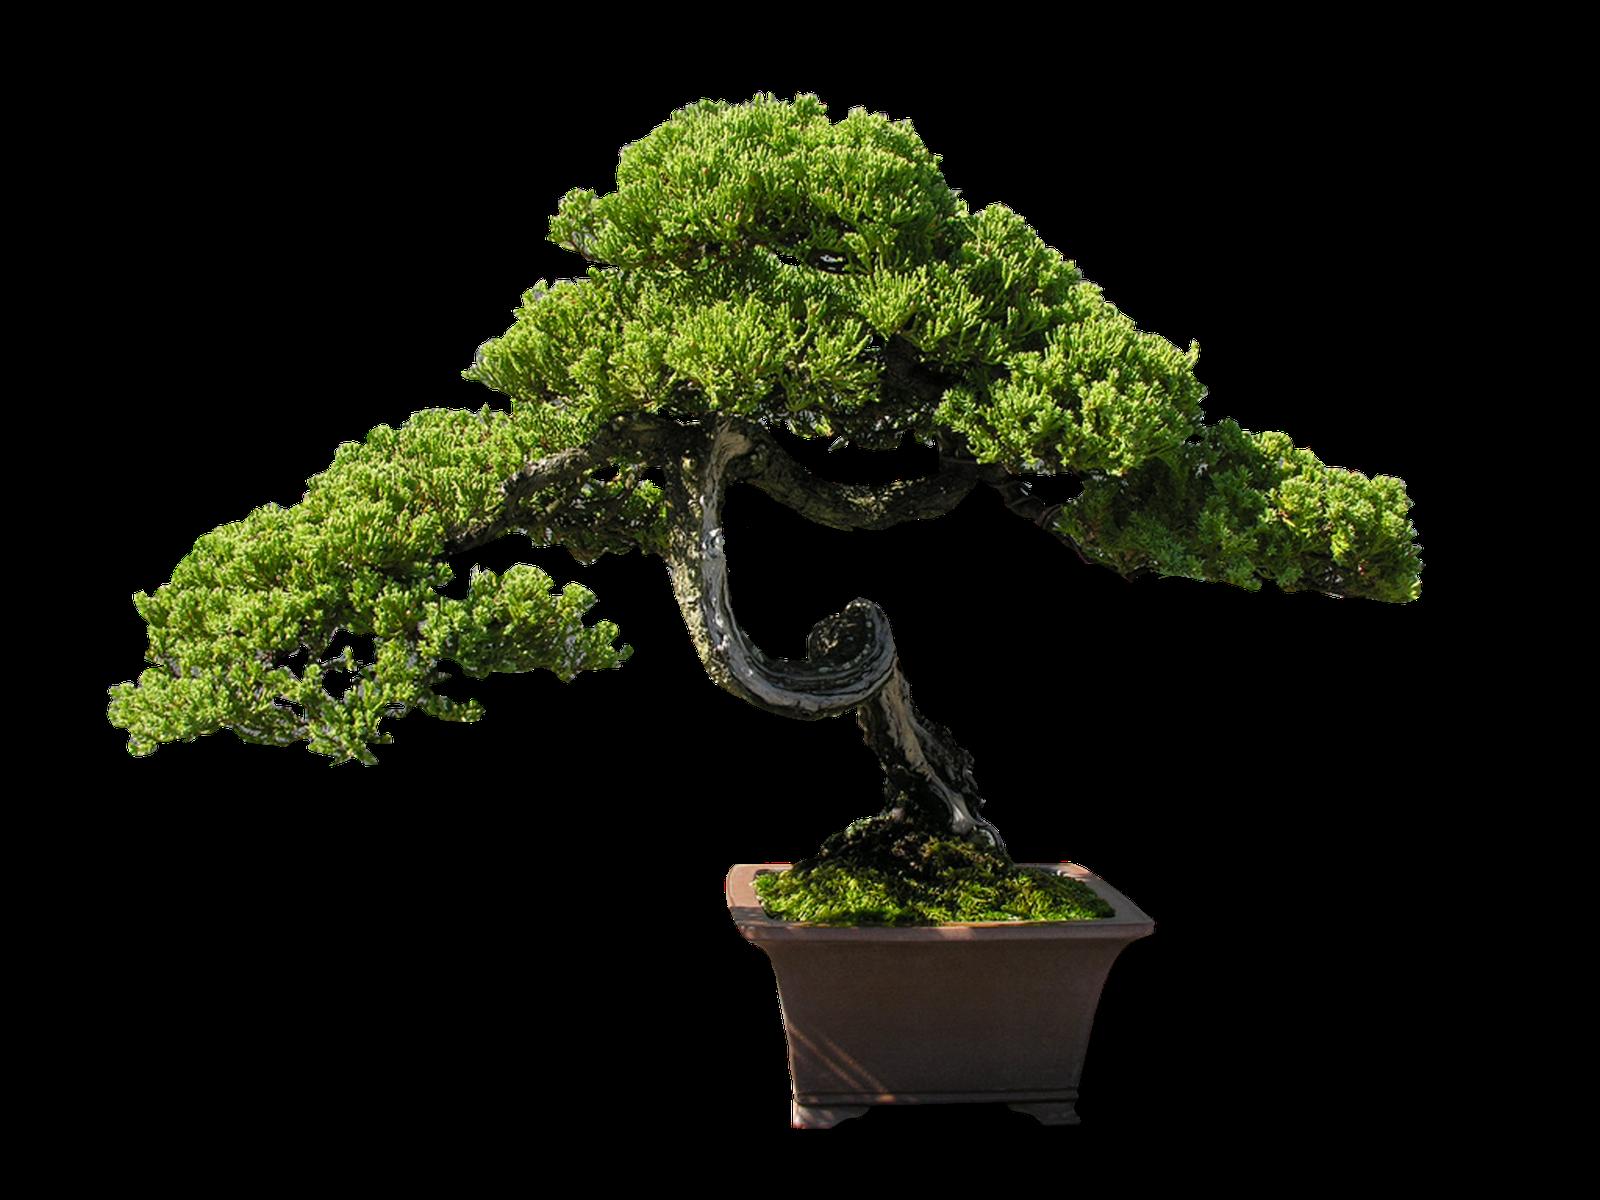 kisspng-indoor-bonsai-tree-clip-art-bonsai-5ac08d0f8ede34.1036729715225684635852